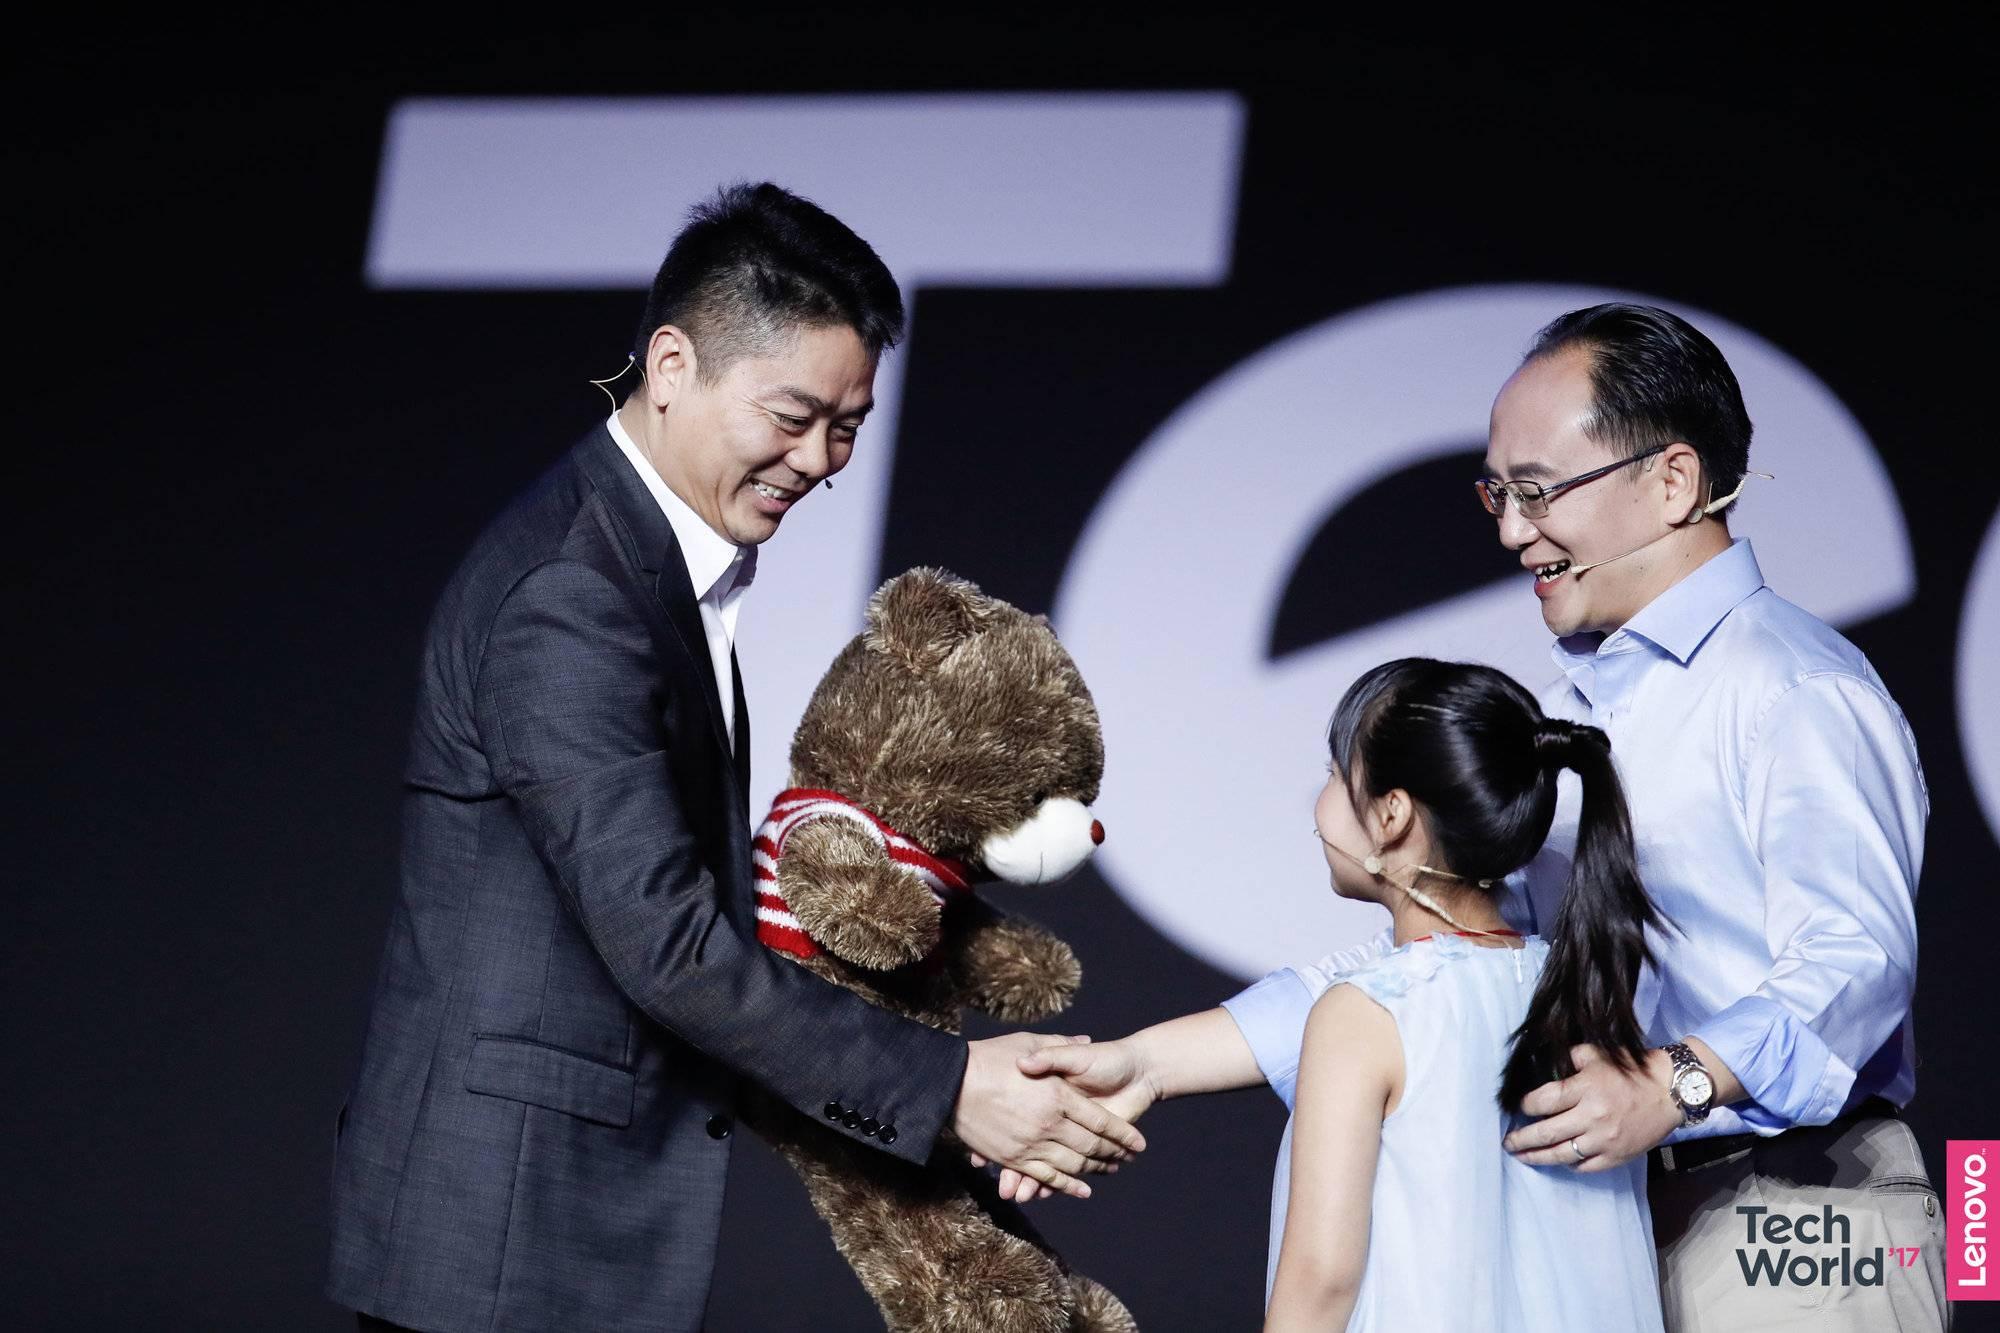 刘强东在会场又充当了一次送货员